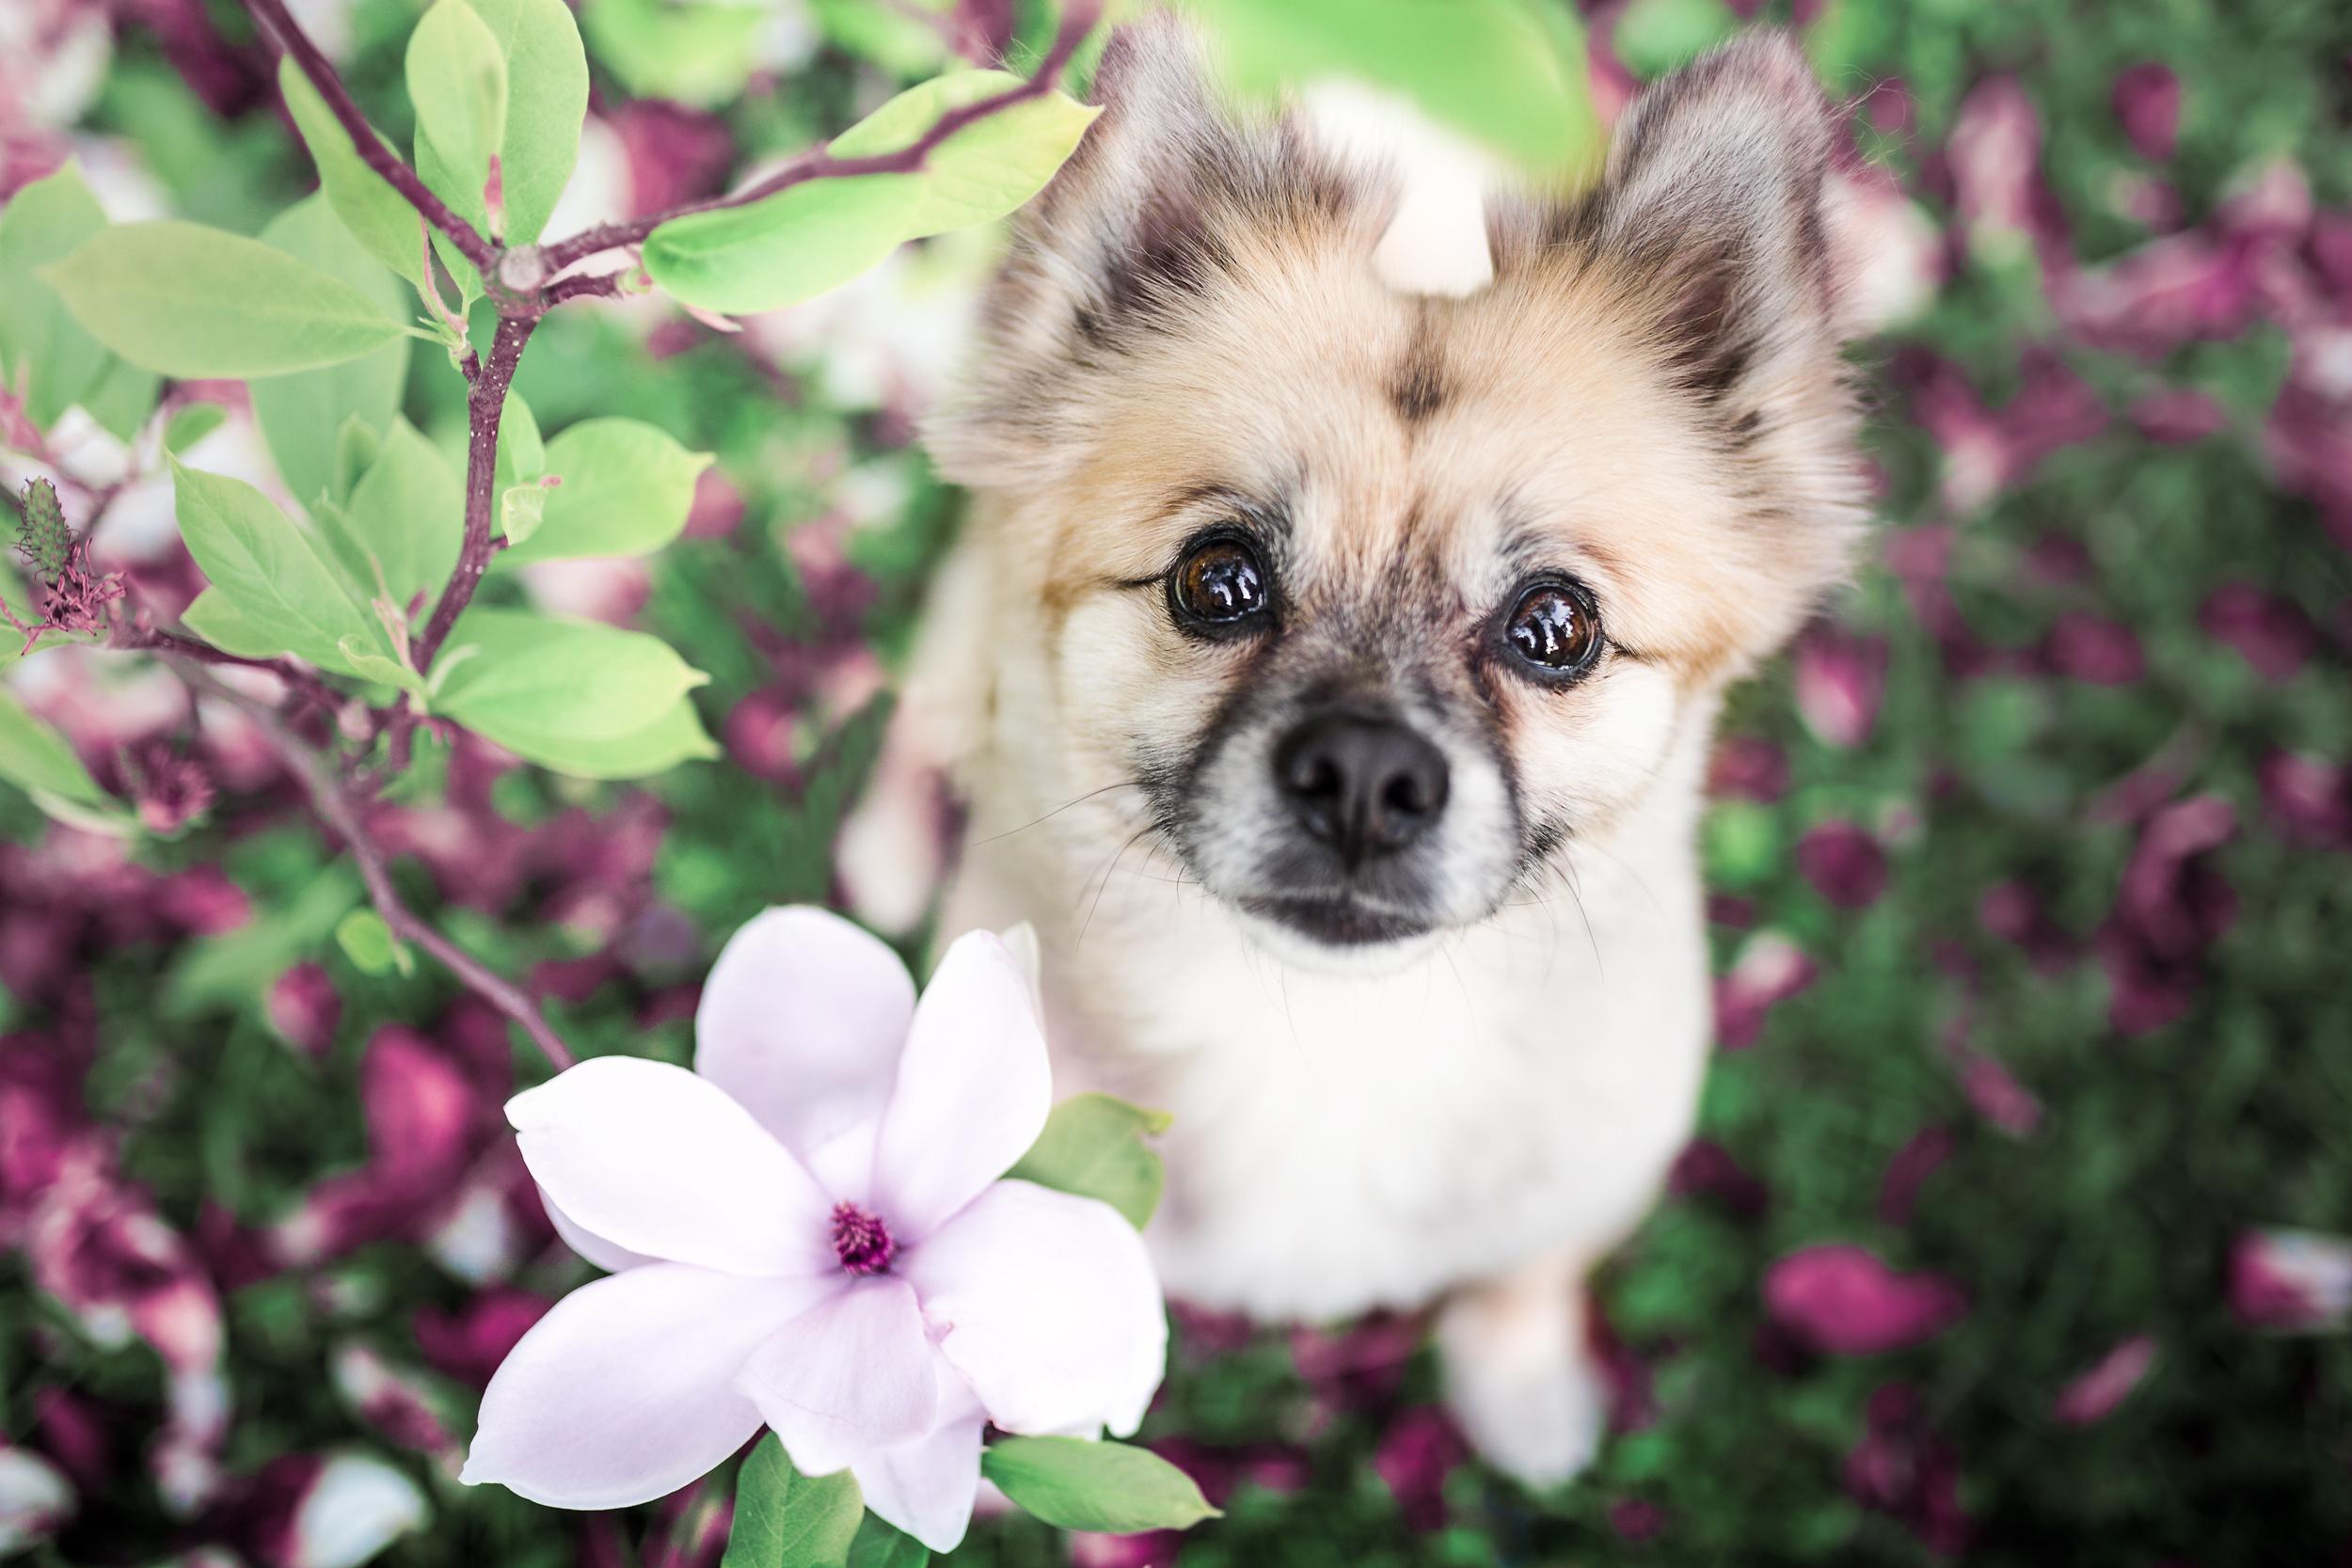 Mischlingshund Momo inmitten von Magnolien